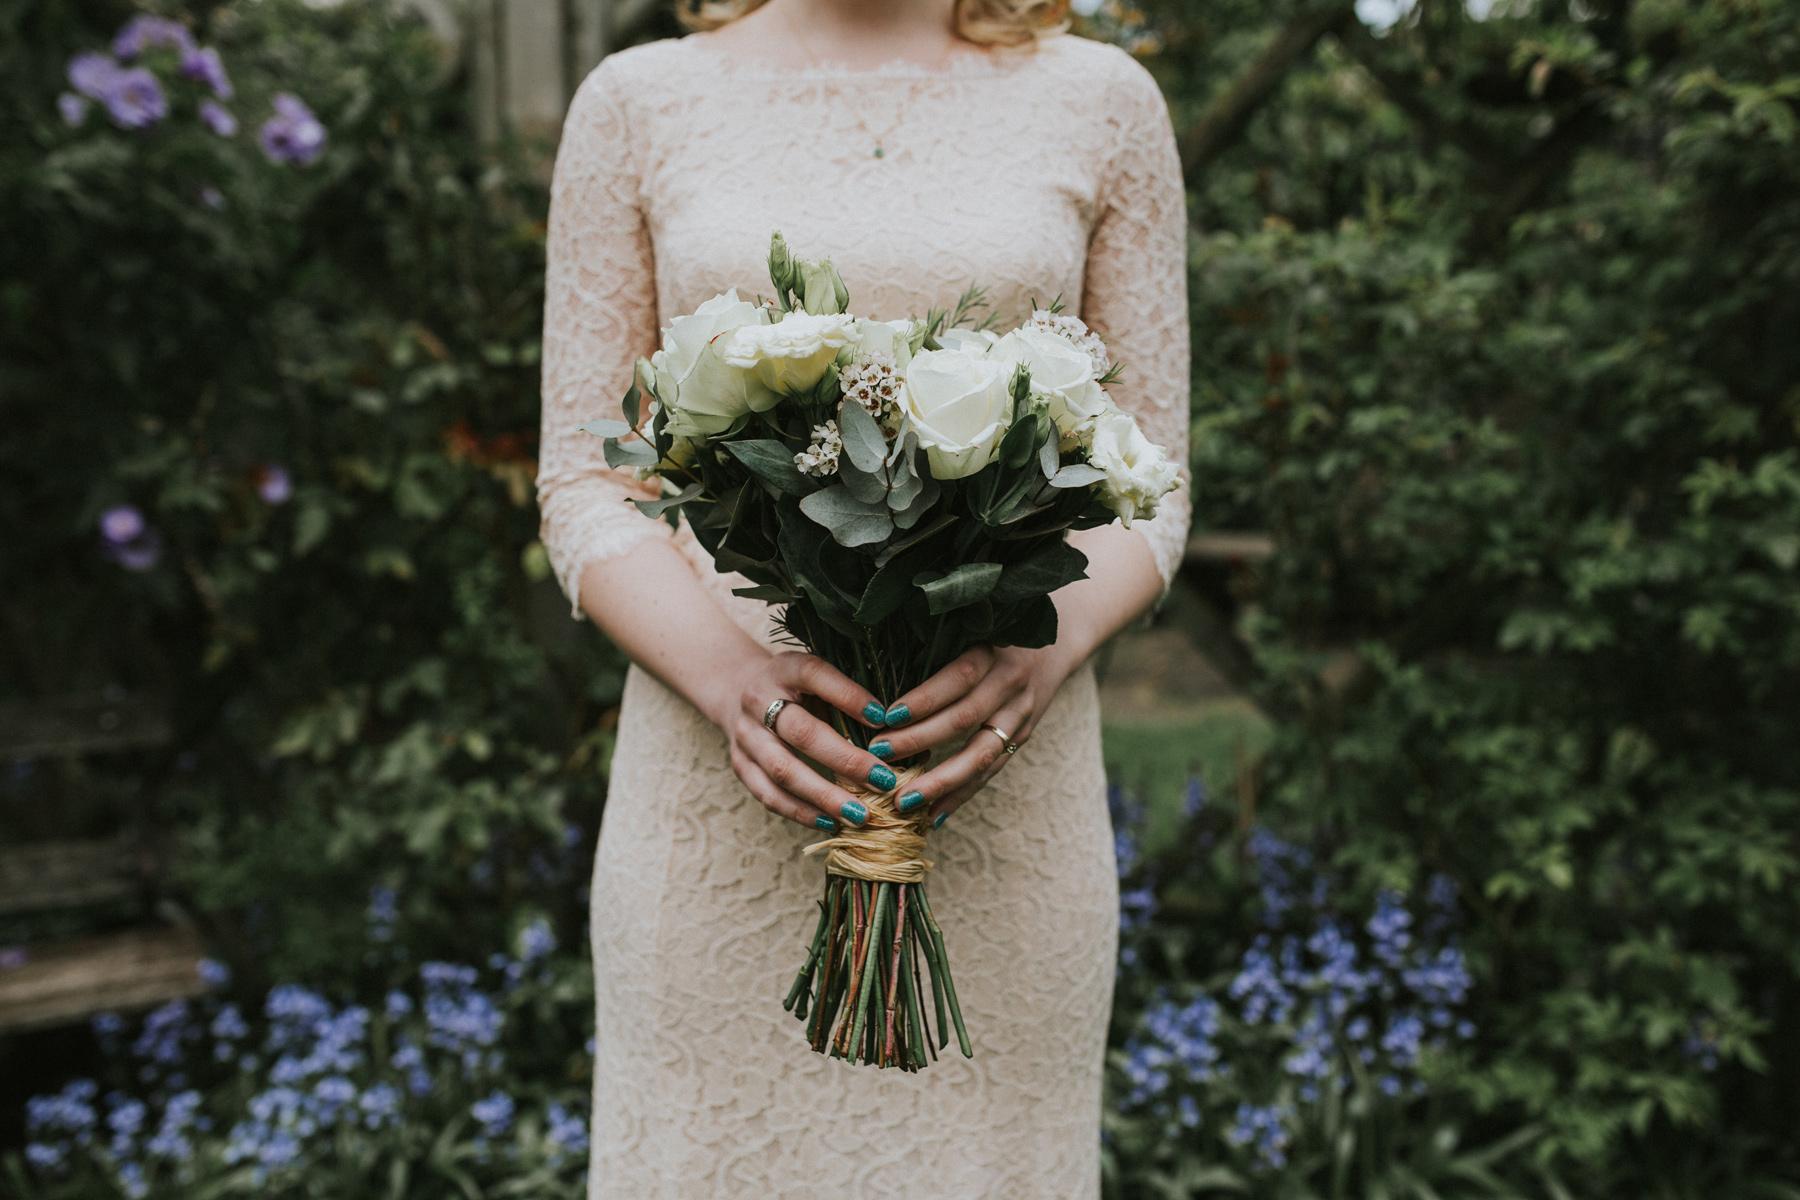 alternative Bride holding white rose bouquet blush lace Diane Von Furstenberg wedding dress Clapham London